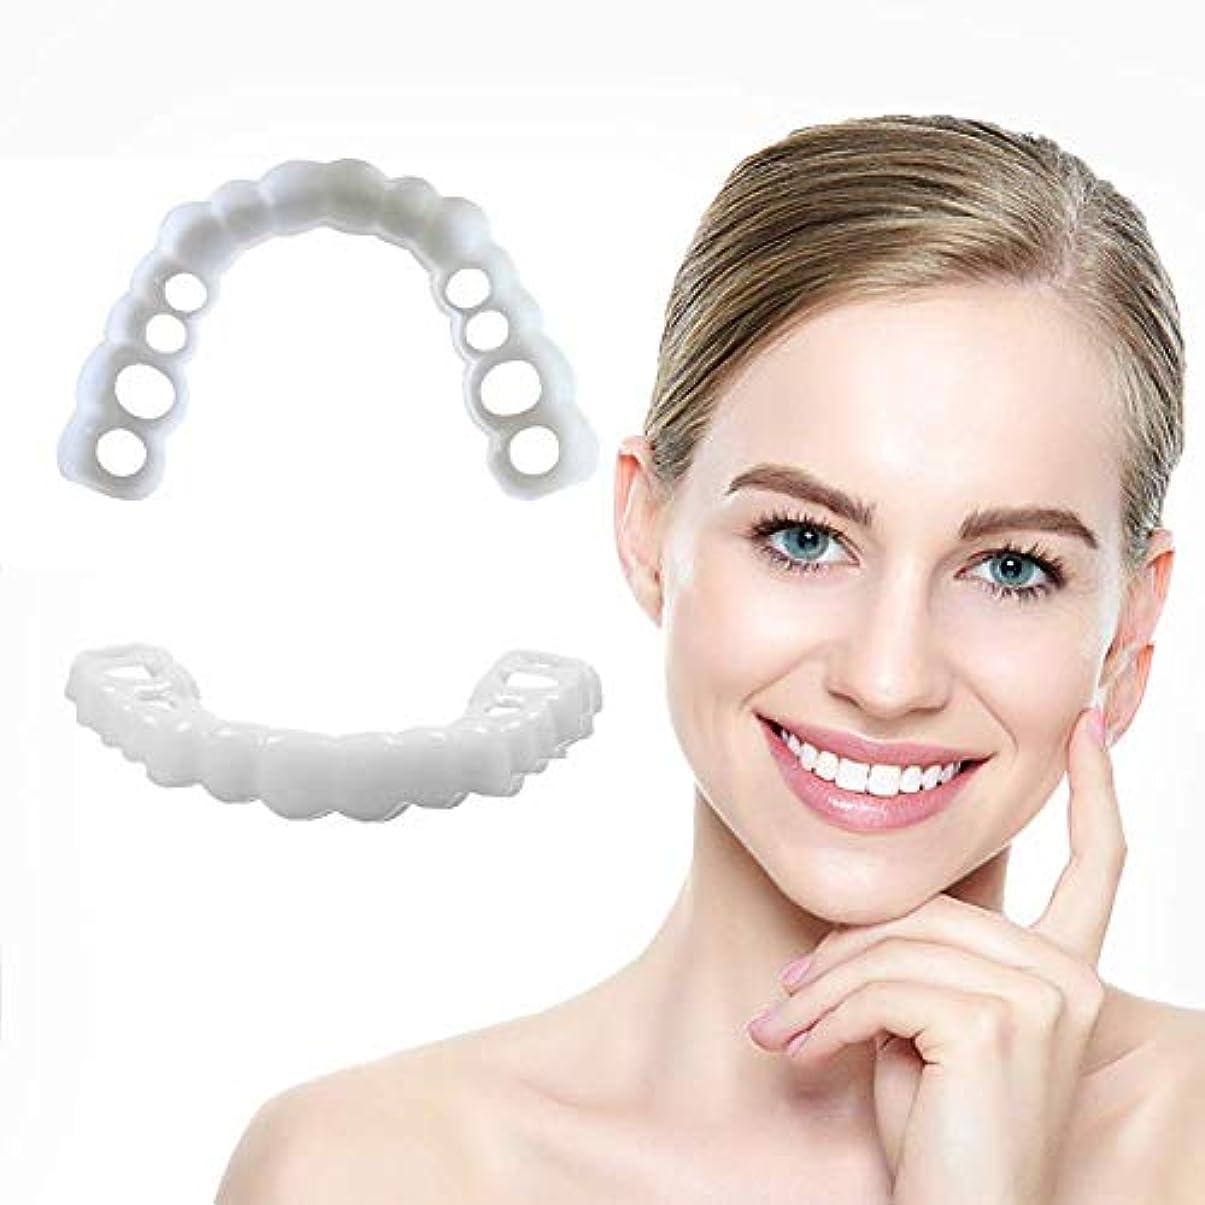 セットの第二世代のシリコーンのシミュレーションの歯科用義歯を白くする上下の歯の模擬装具,5pcs,Upperteeth